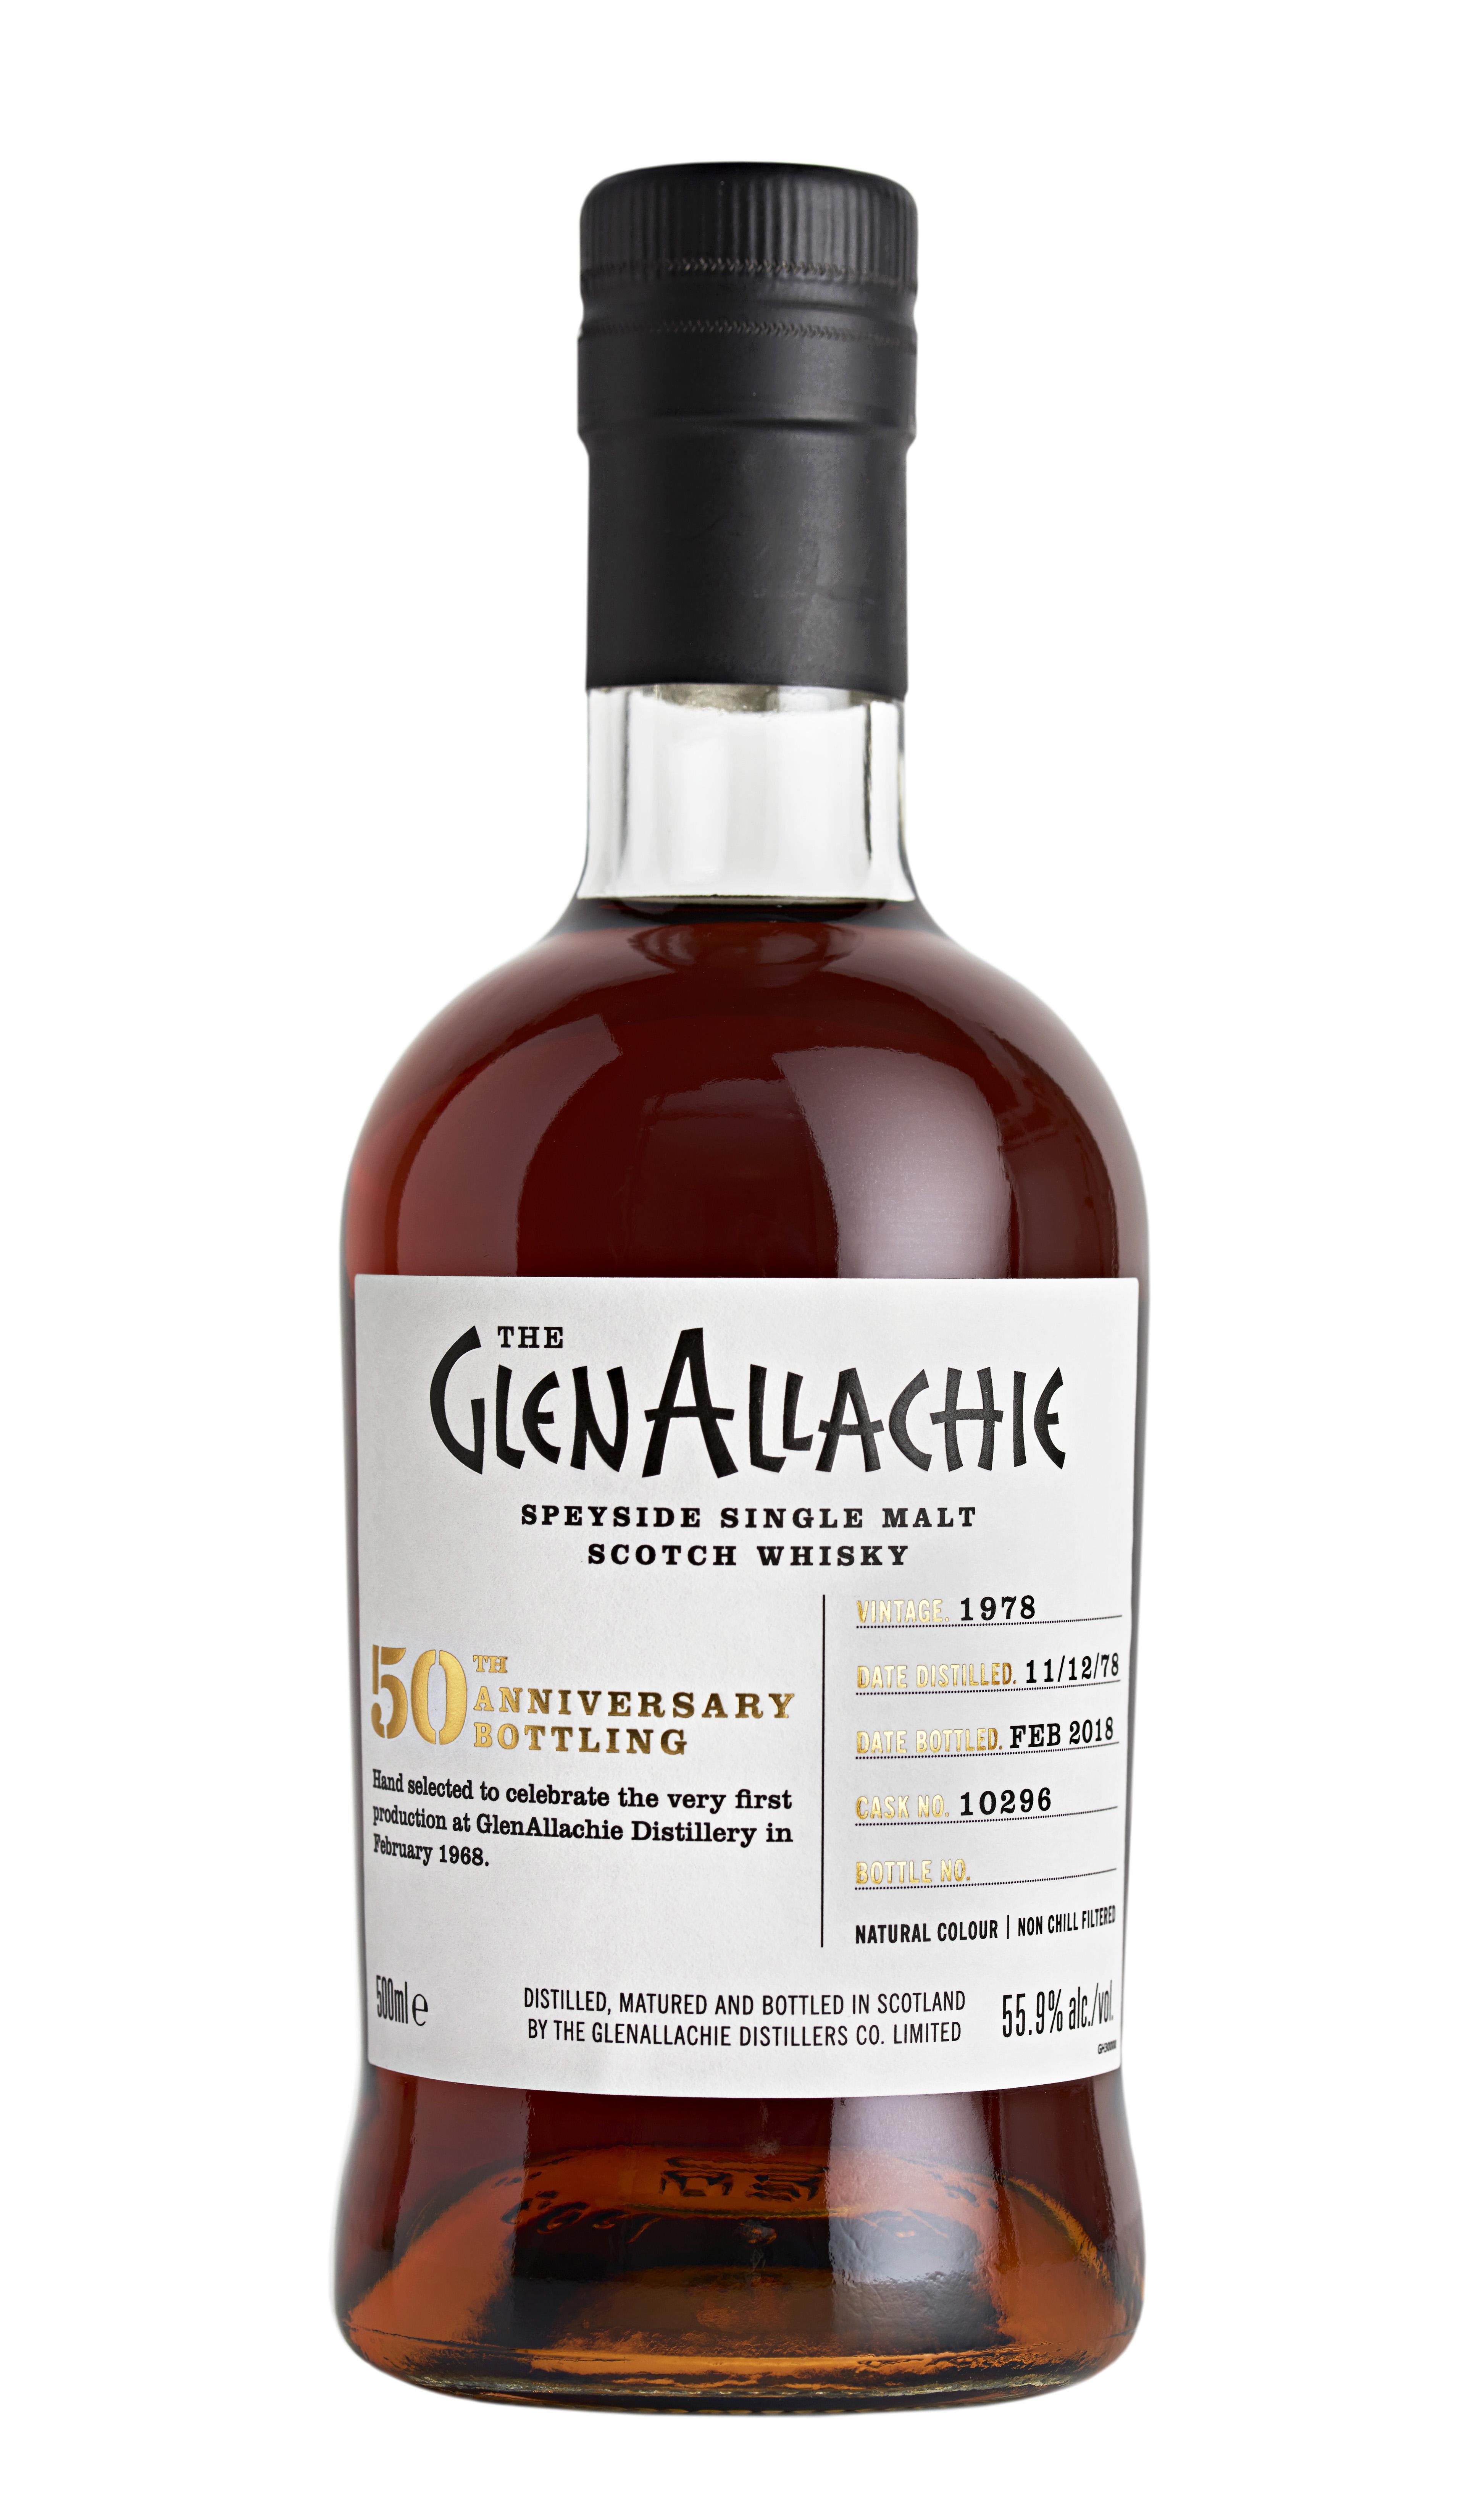 GlenAllachie productshot